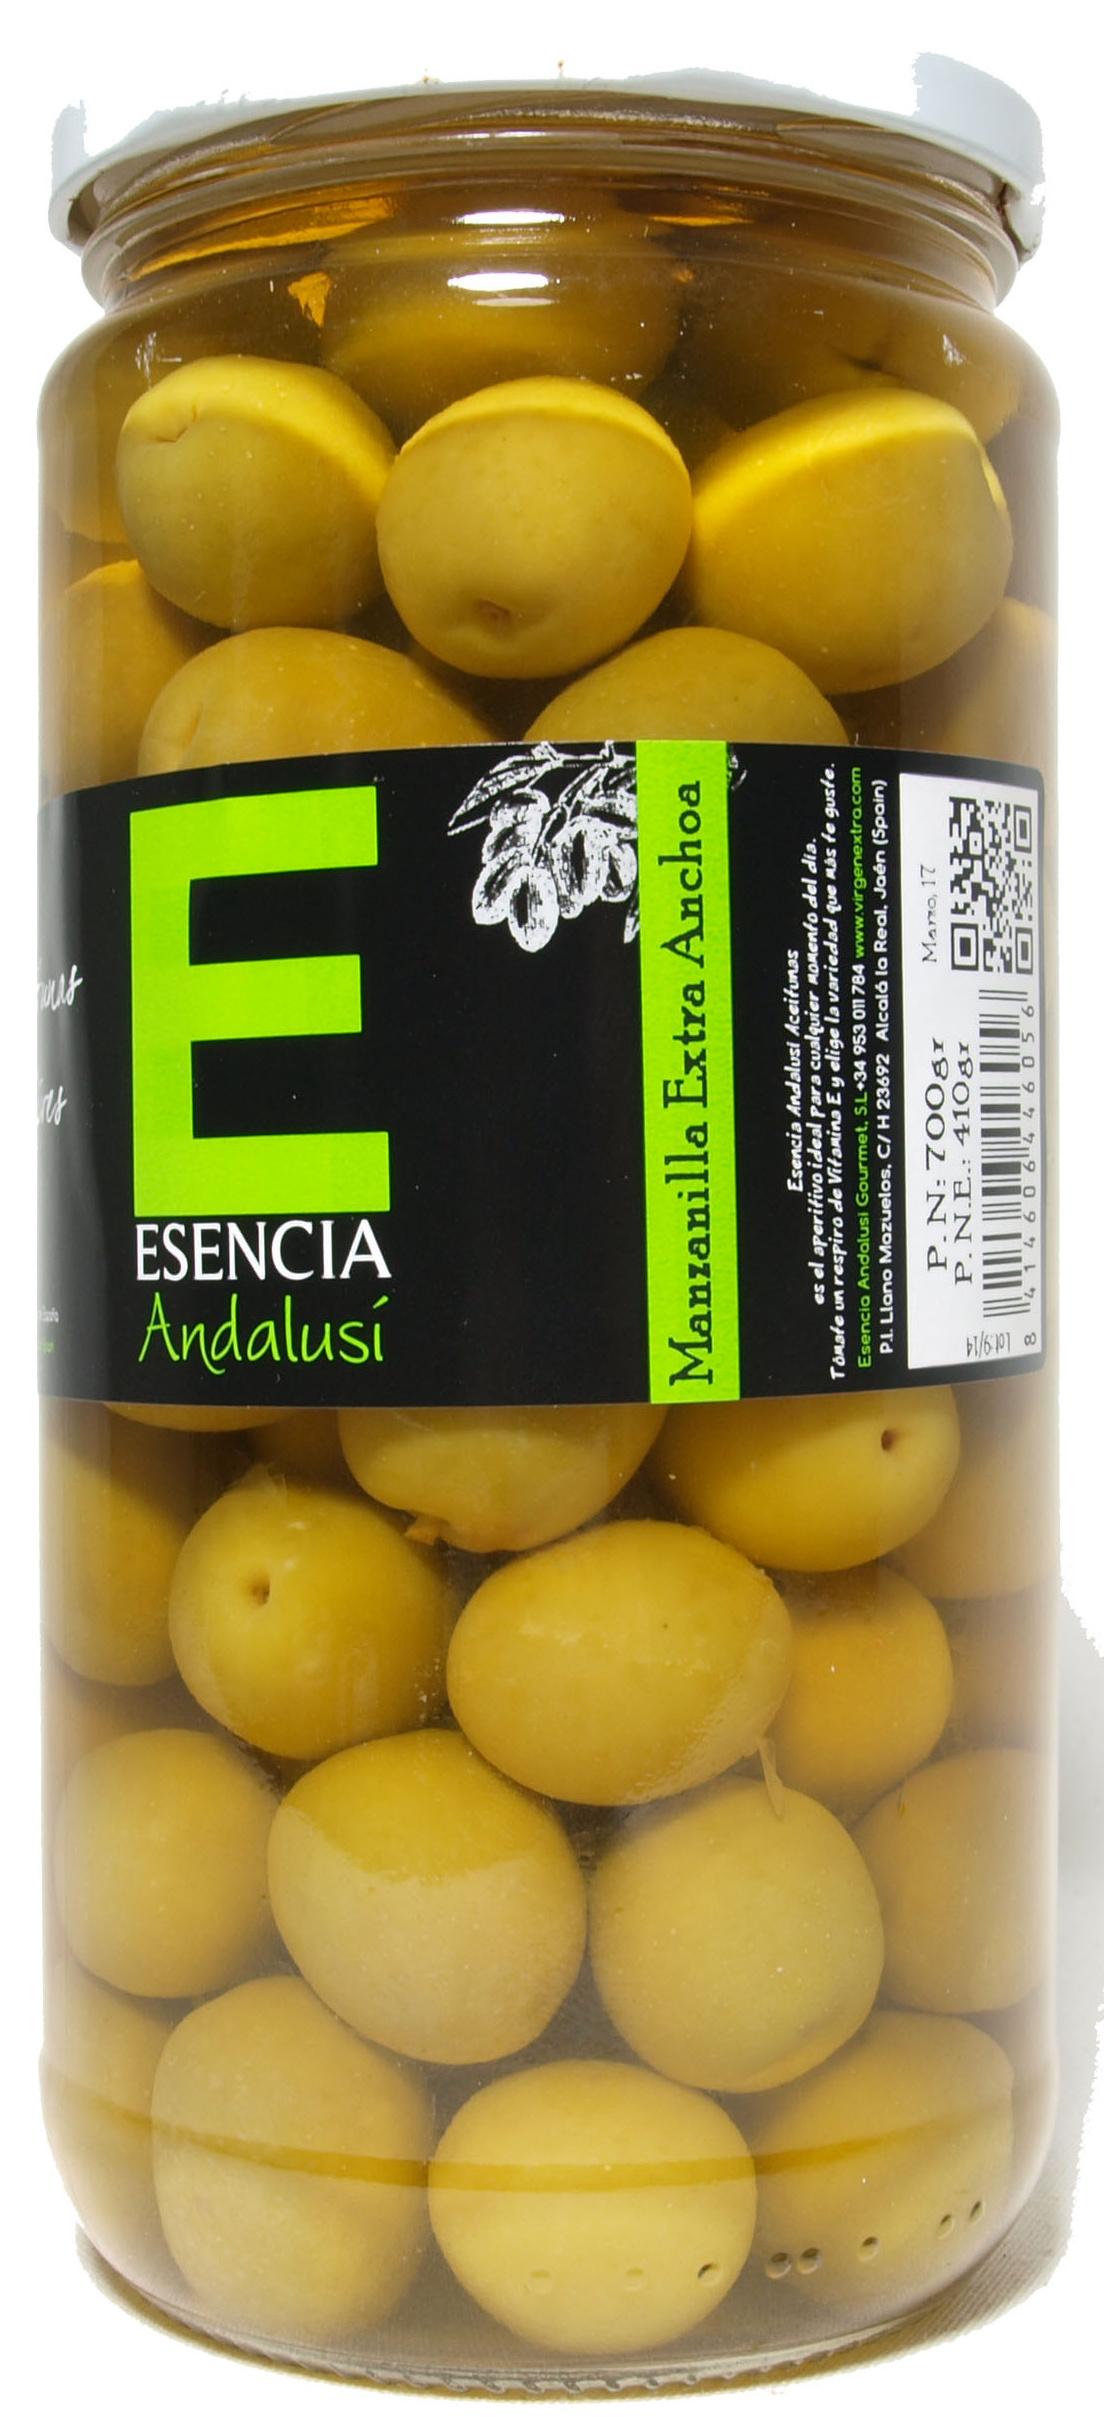 """Aceitunas verdes enteras """"Esencia Andalusí"""" Variedad Manzanilla - Producto - es"""